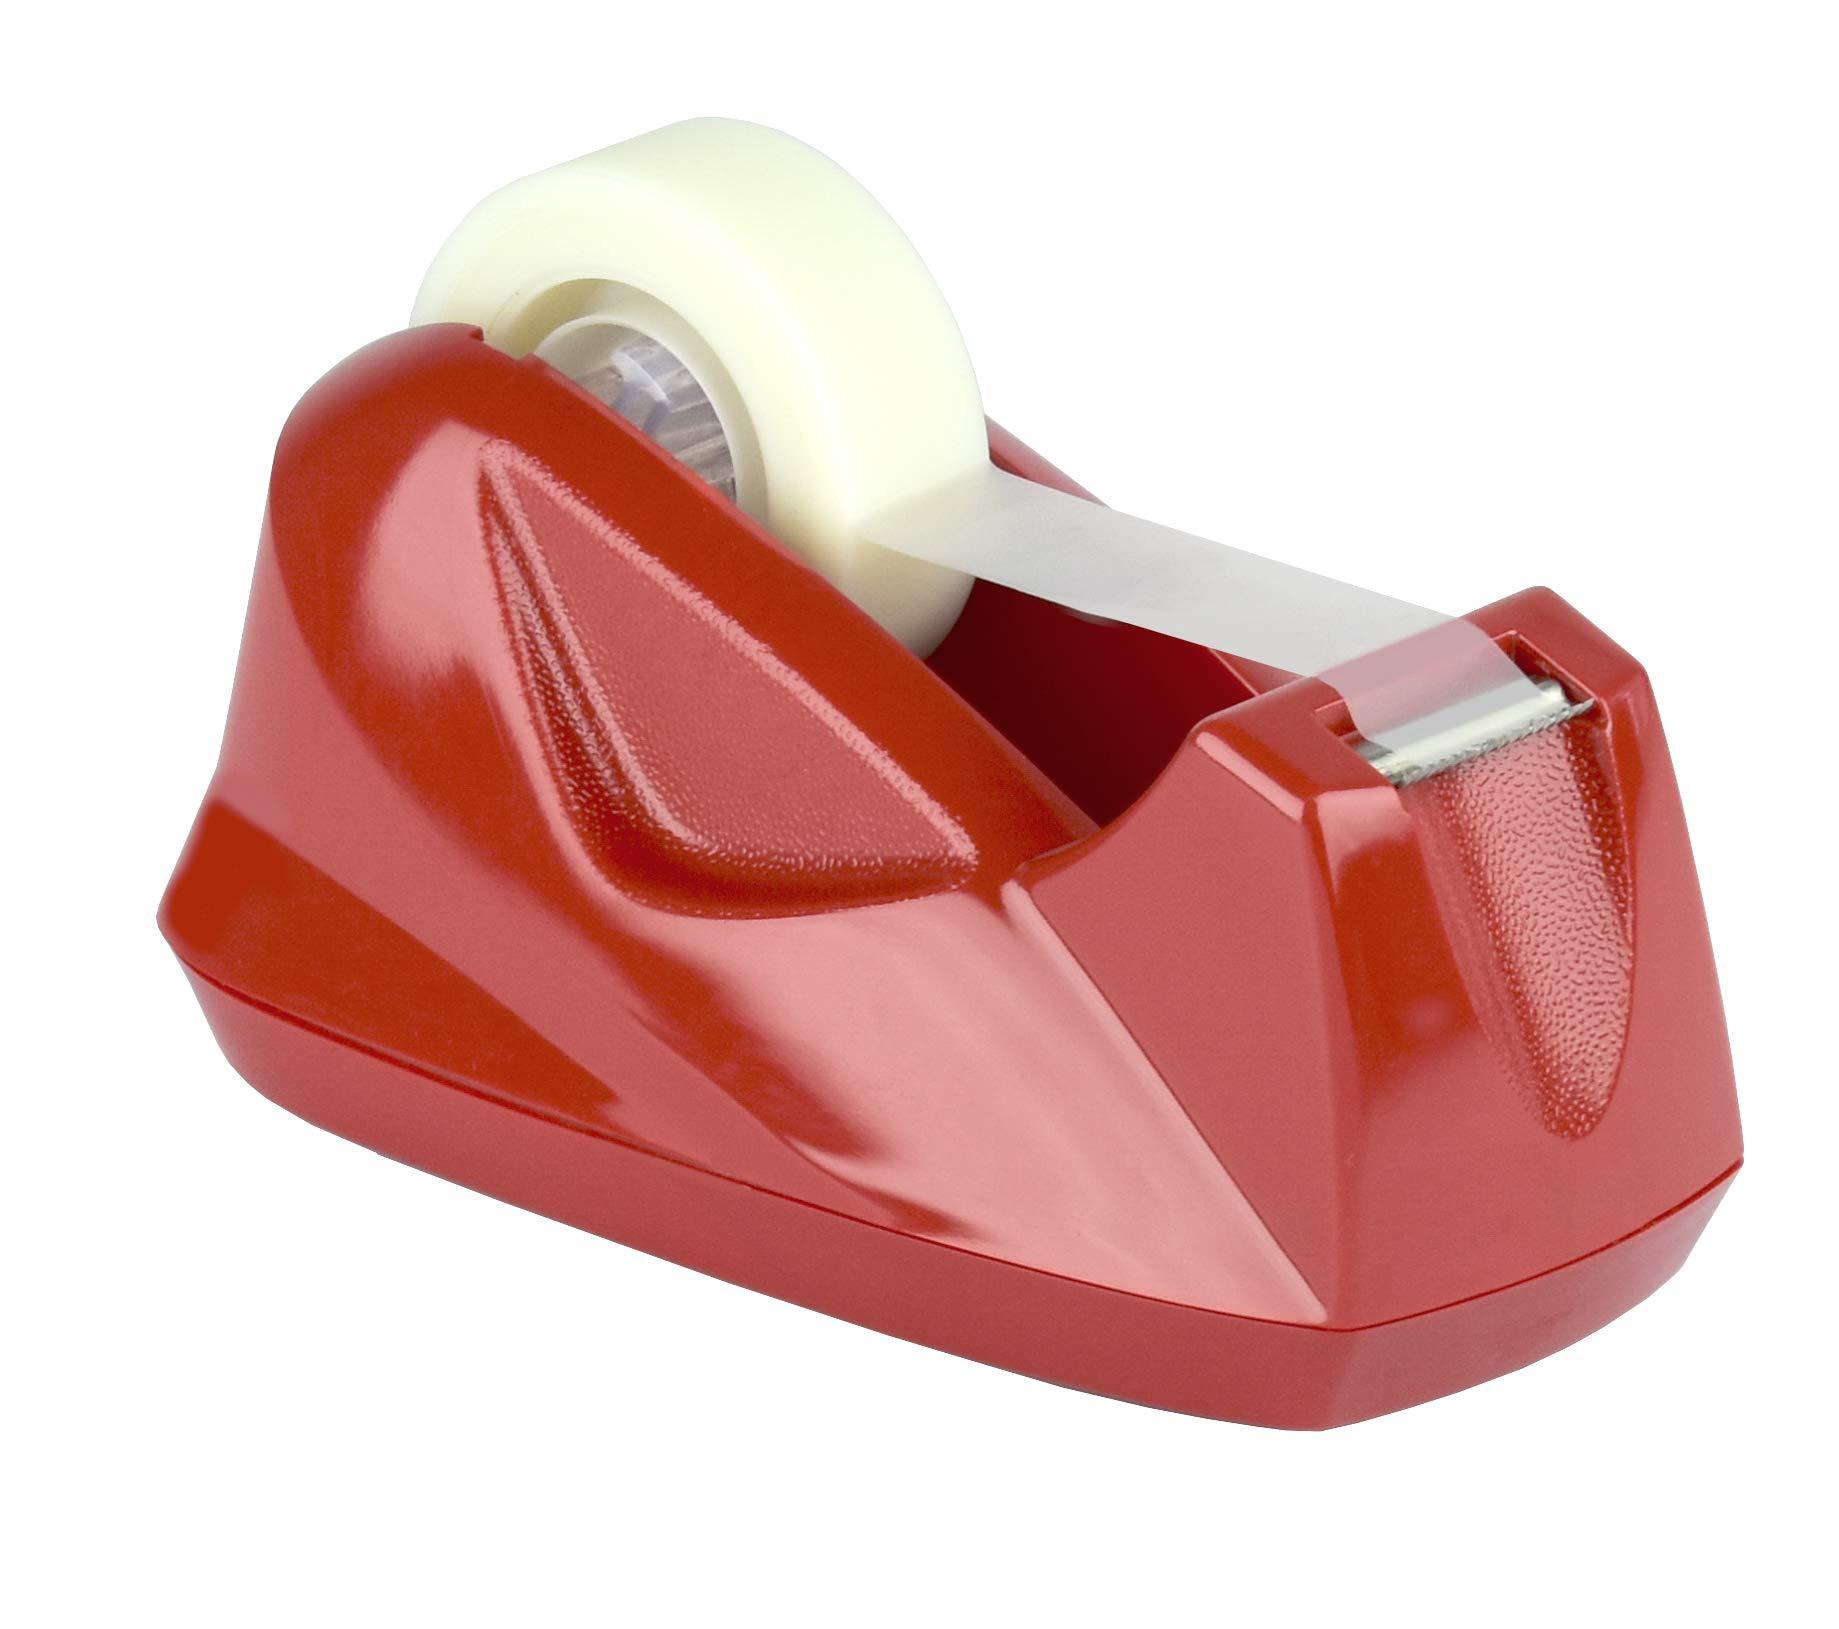 Acrimet Premium Tape Dispenser (Red Color)